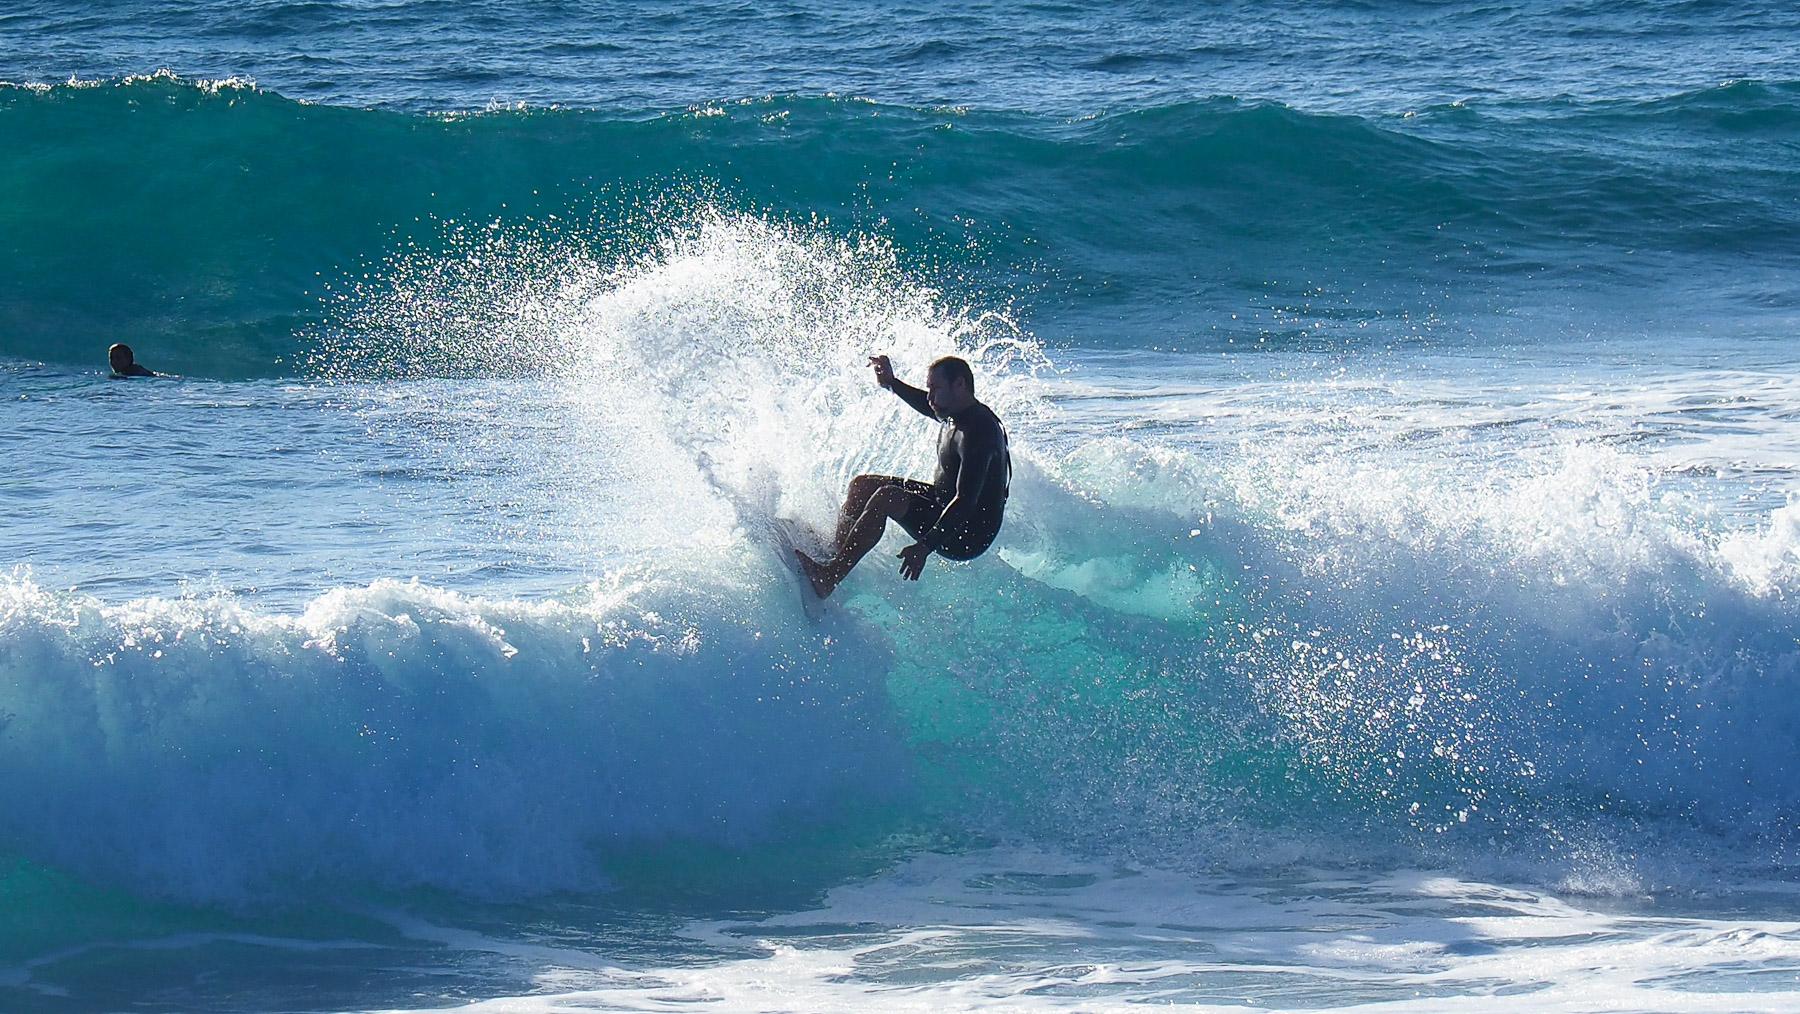 Viele Wellenreiter am Pazifik